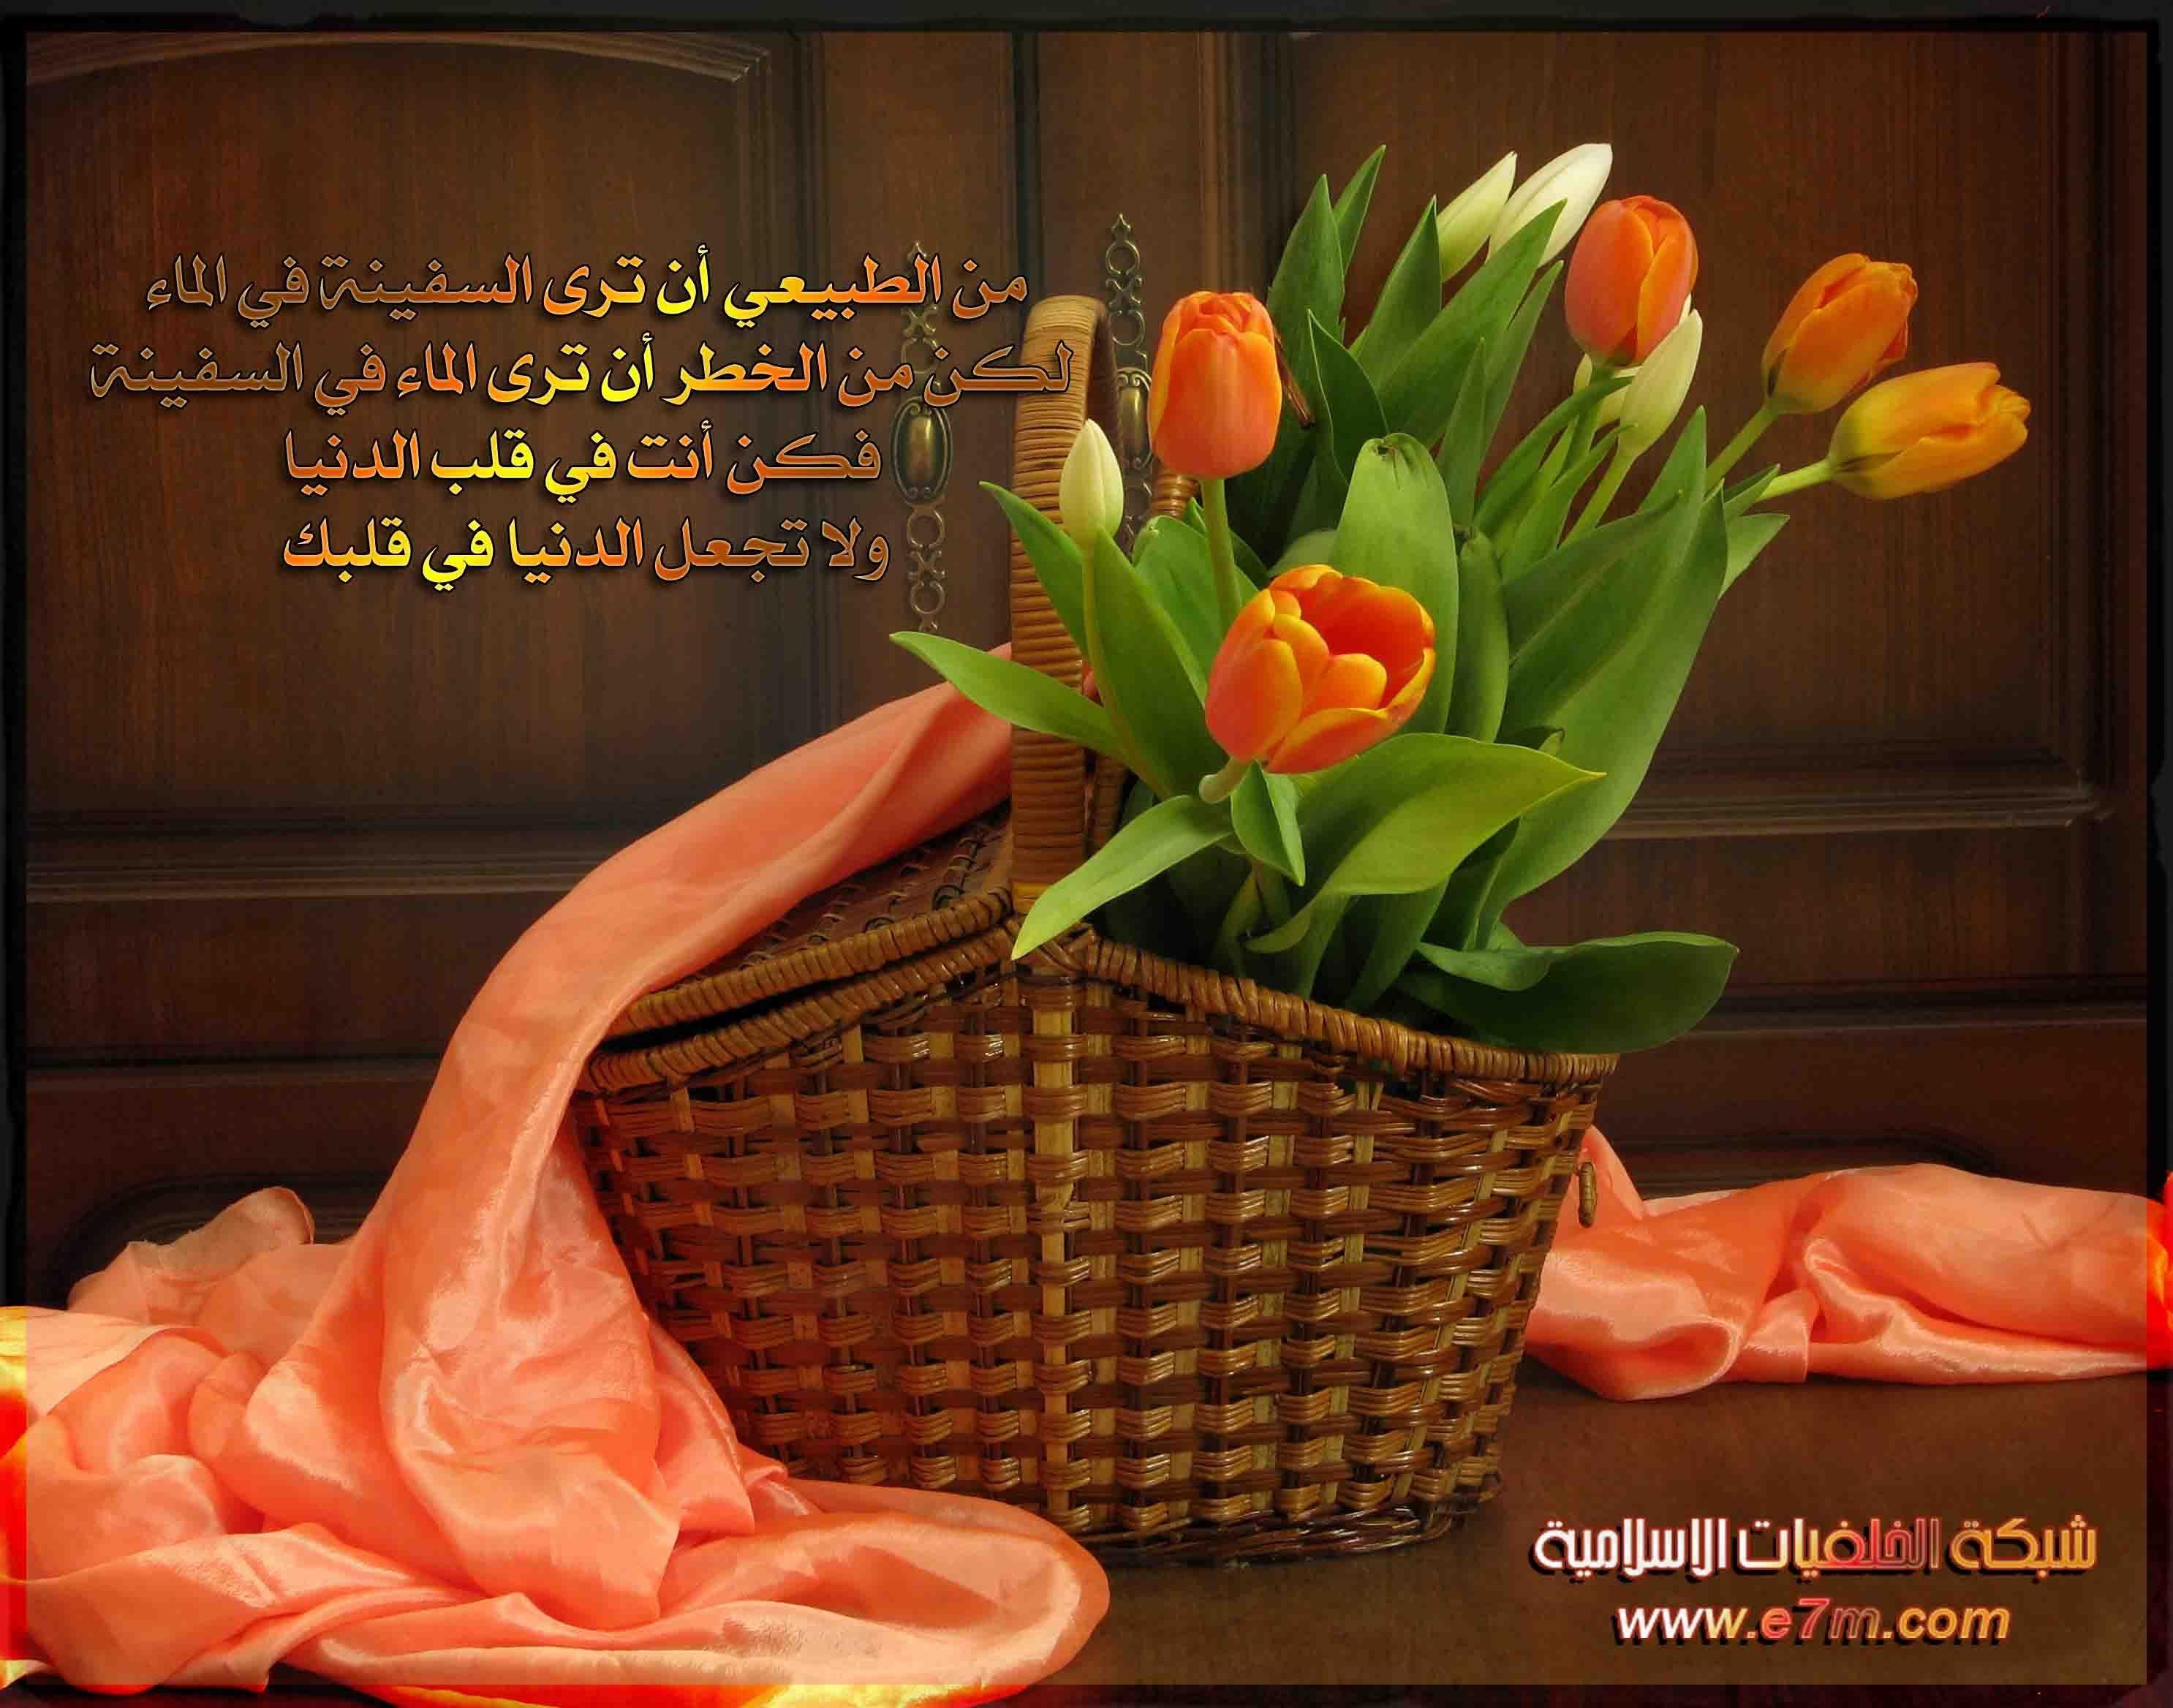 تلاوة رائعة سورة الملك الشيخ علي جابر Www Qoranet Net Orange Tulips Flowers Bouquet Picnic Basket